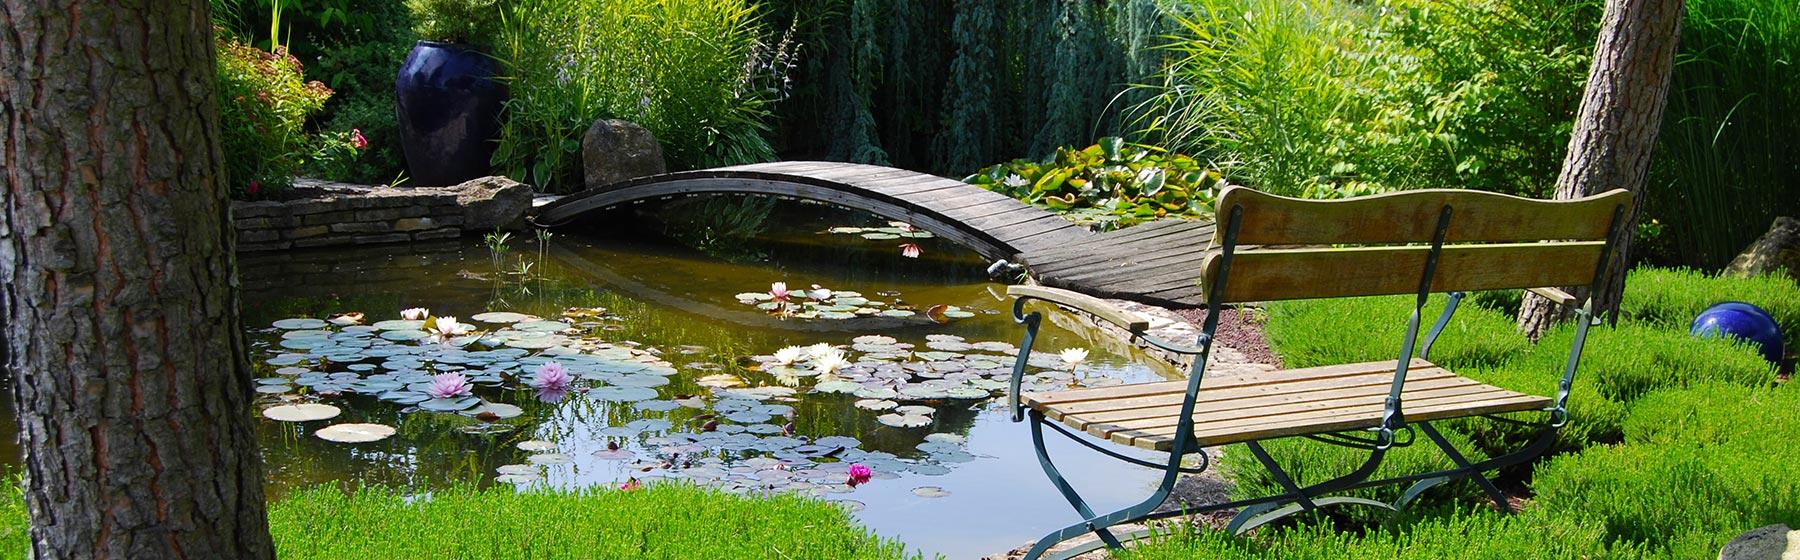 Visuel petit pont sur l'eau